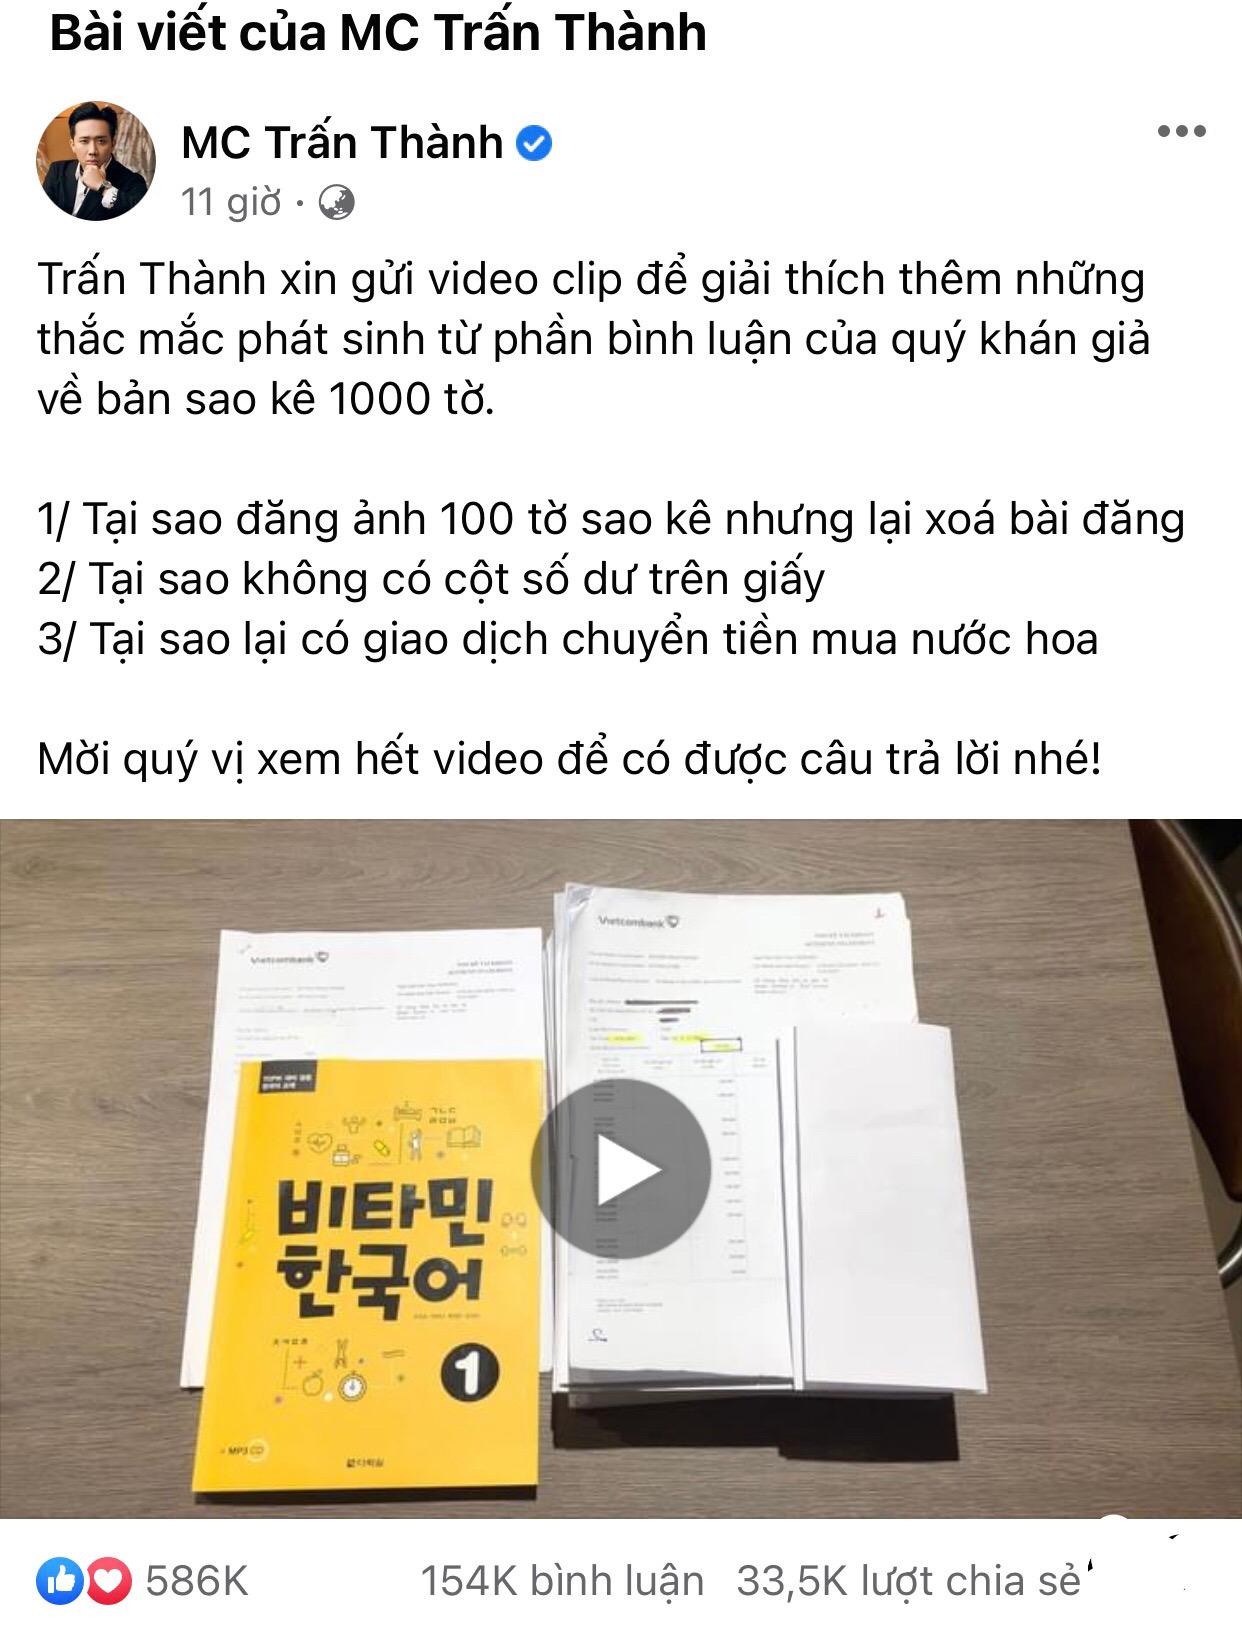 Clip giải đáp mọi thắc mắc cho cộng đồng mạng của Trấn Thành